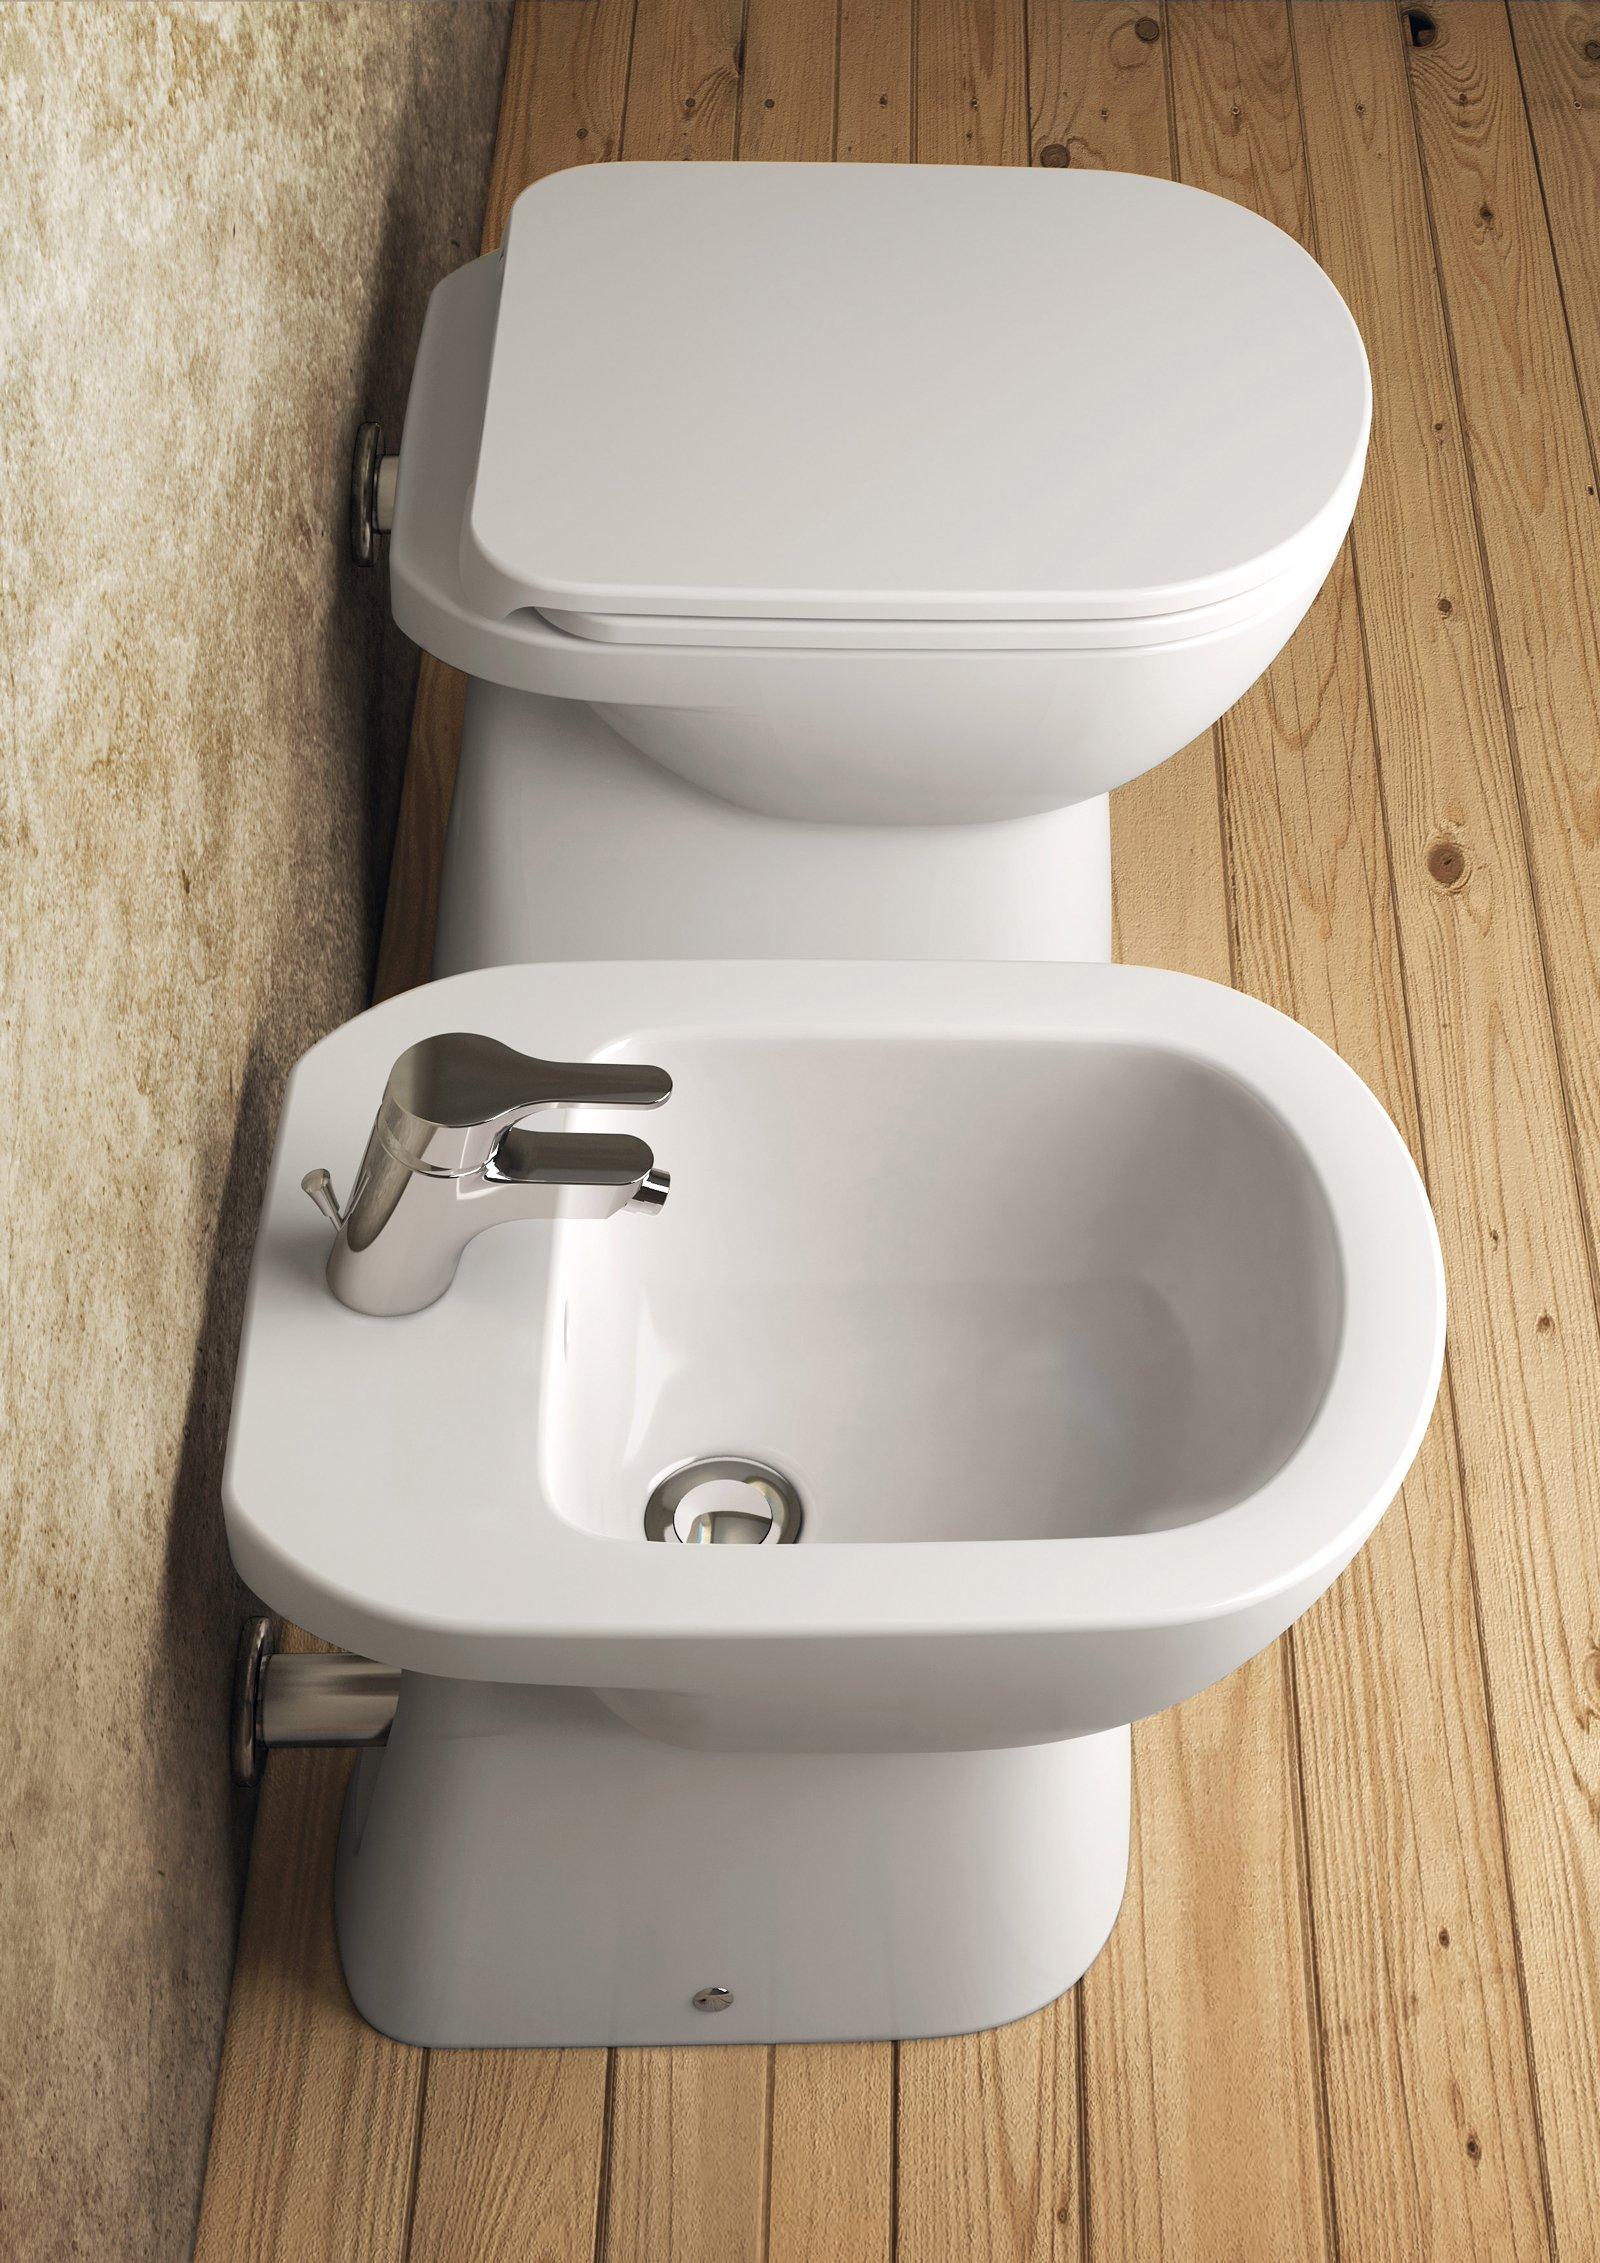 Salvaspazio per il bagno sanitari piccoli cose di casa - Bagno senza bidet ...